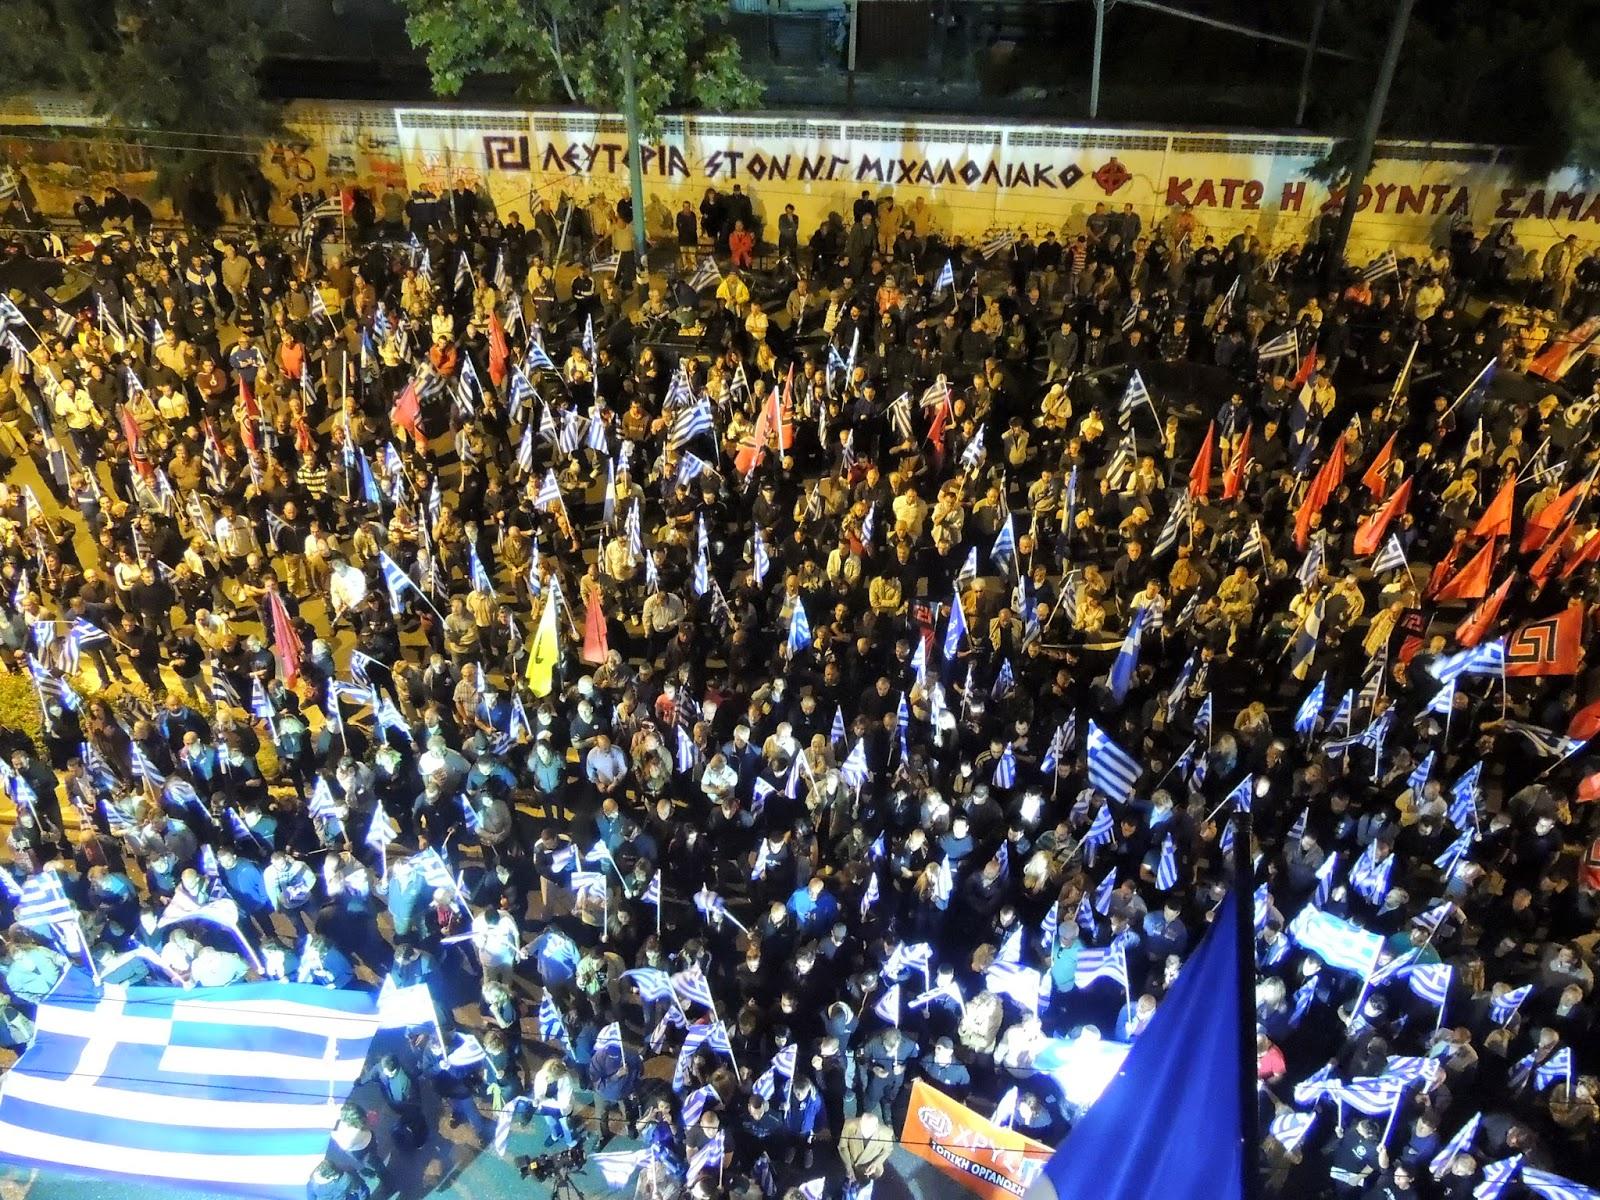 Εικόνες από τις δυναμικές συγκεντρώσεις κατά των πολιτικών διώξεων σε Αθήνα και Θεσσαλονίκη